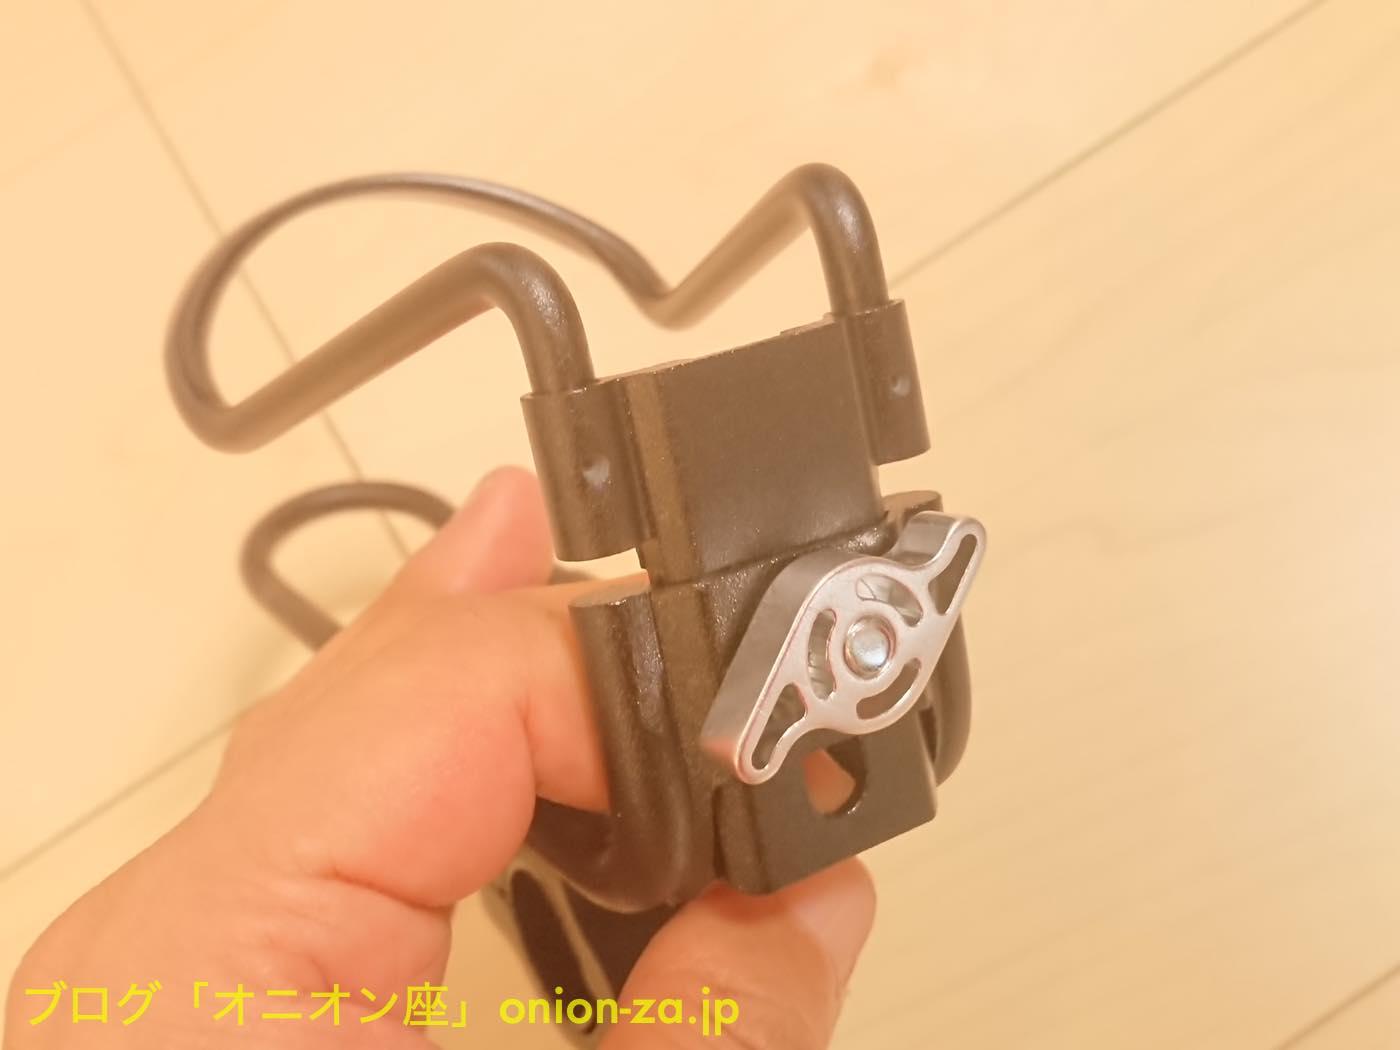 付属の工具を使わなくとも底面のネジは調整可能なのが便利